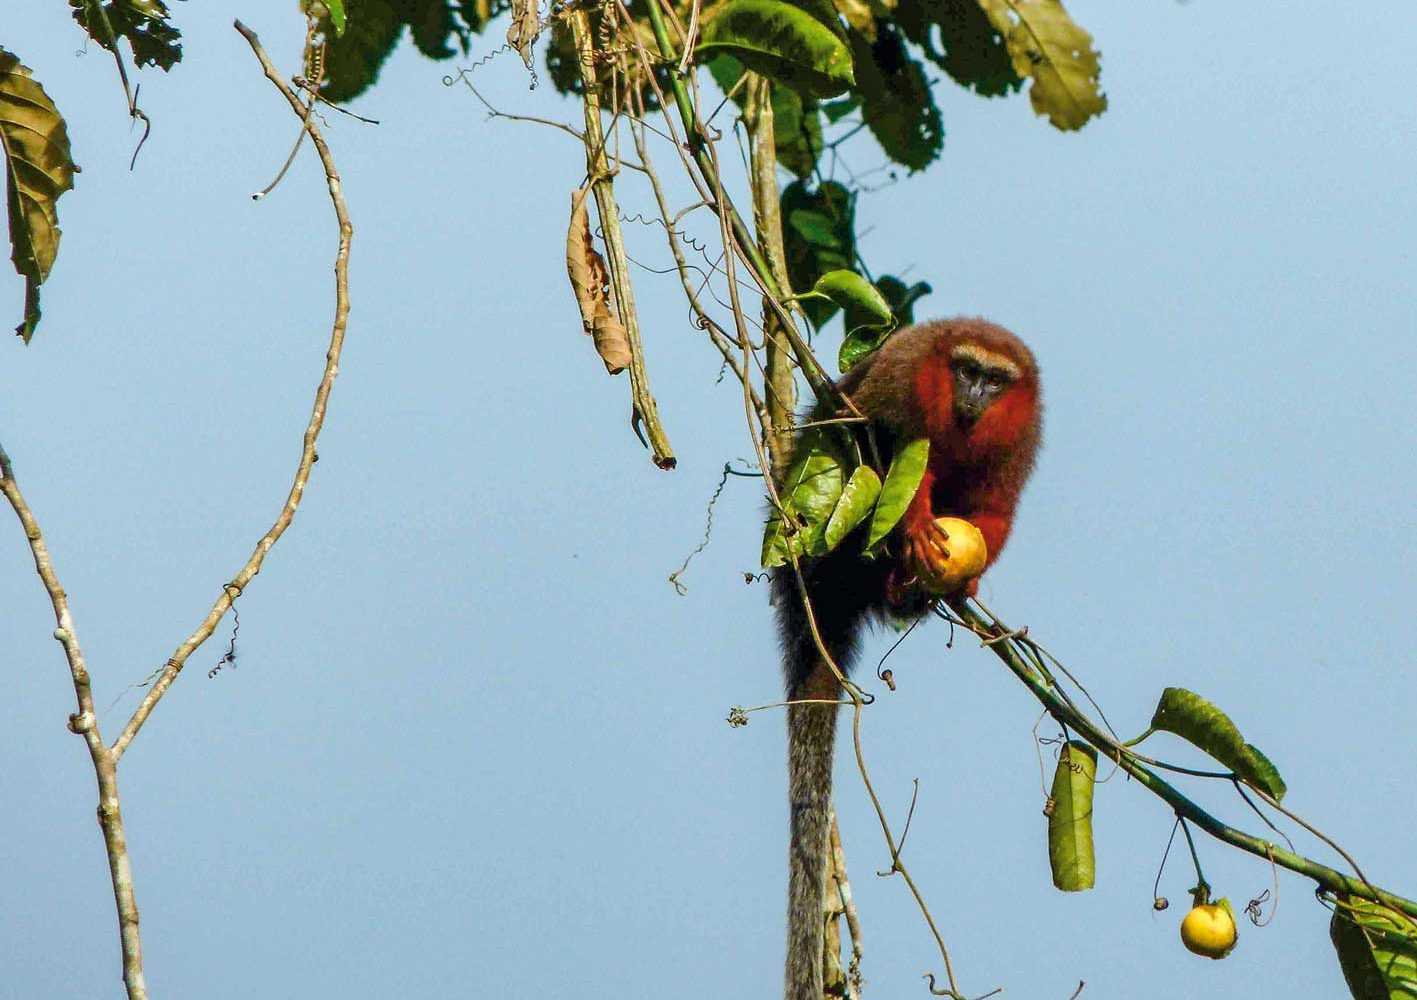 Amazonas: Weissschwanz-Springaffe bei der Nahrungssuche